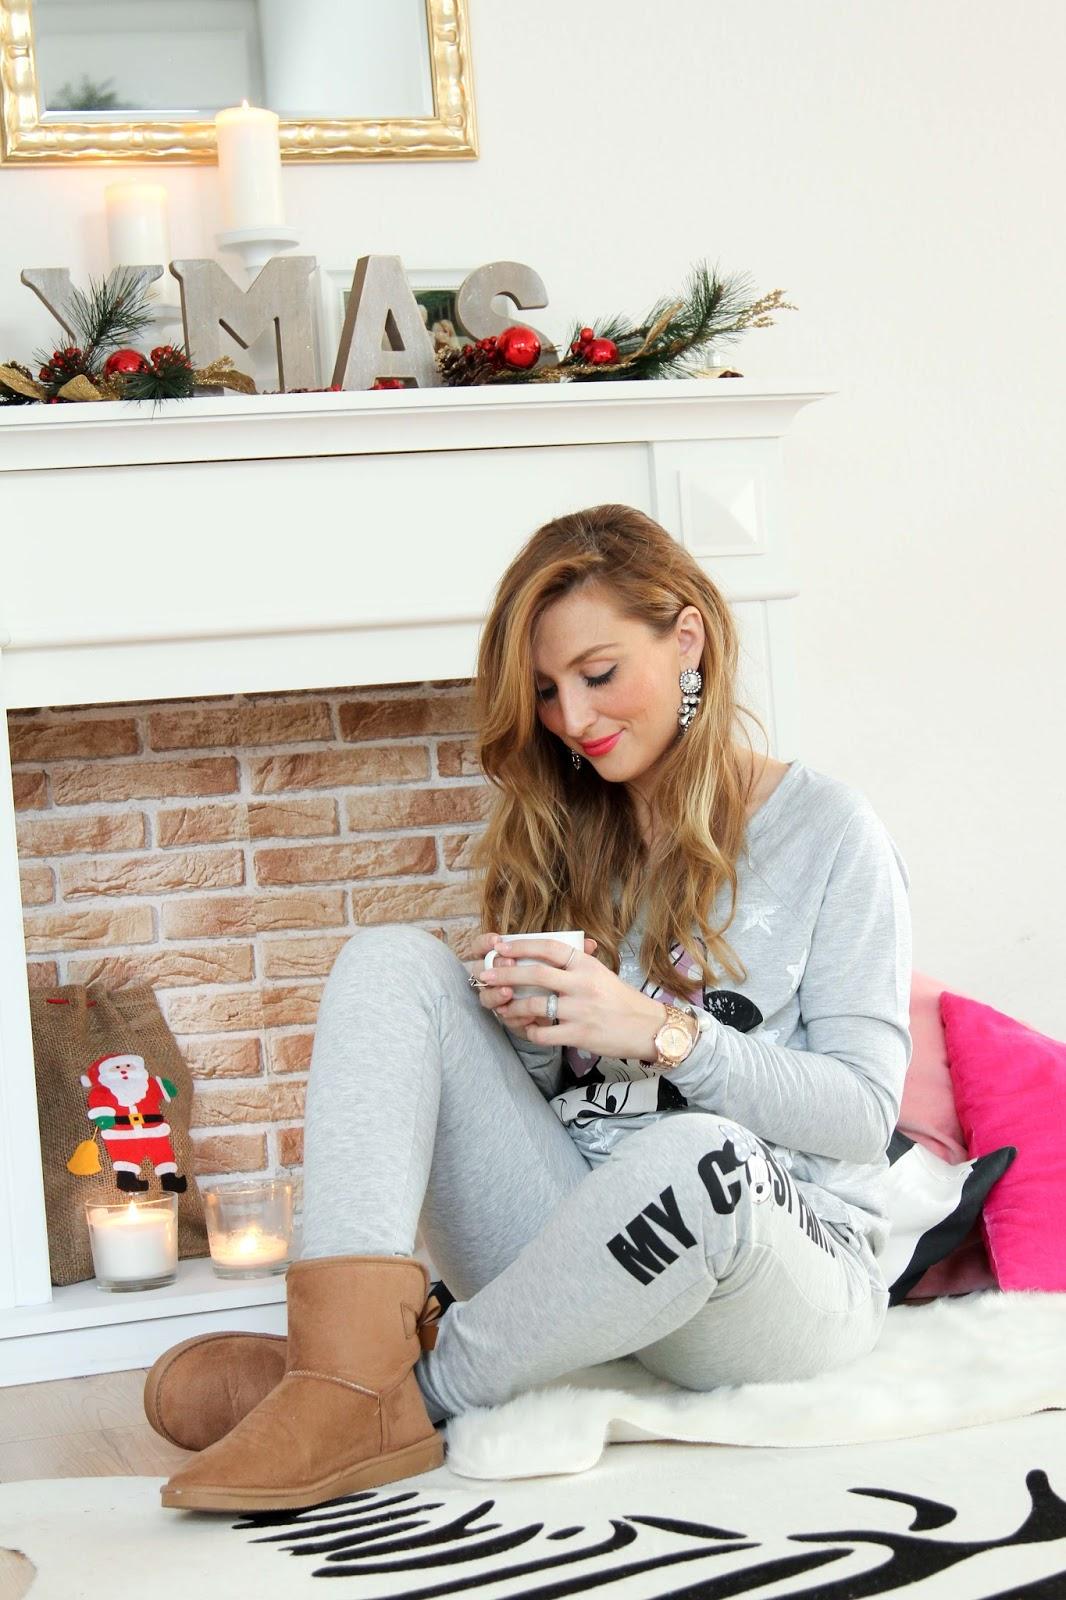 cozy-outfit-Beflockter-Weihnachtsbaum-Blogger-Fashionblogger-Deko-Weihnachtsdekoration- Wie schmücke ich zu Weihnachten-Gmütlicher Weihnachtslook